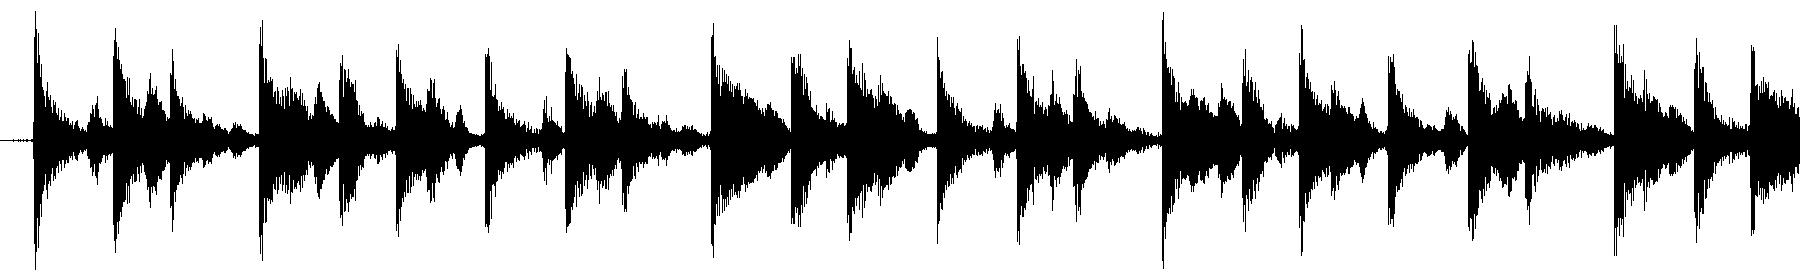 vedh melodyloop 027 fm bsus4 am 124bpm